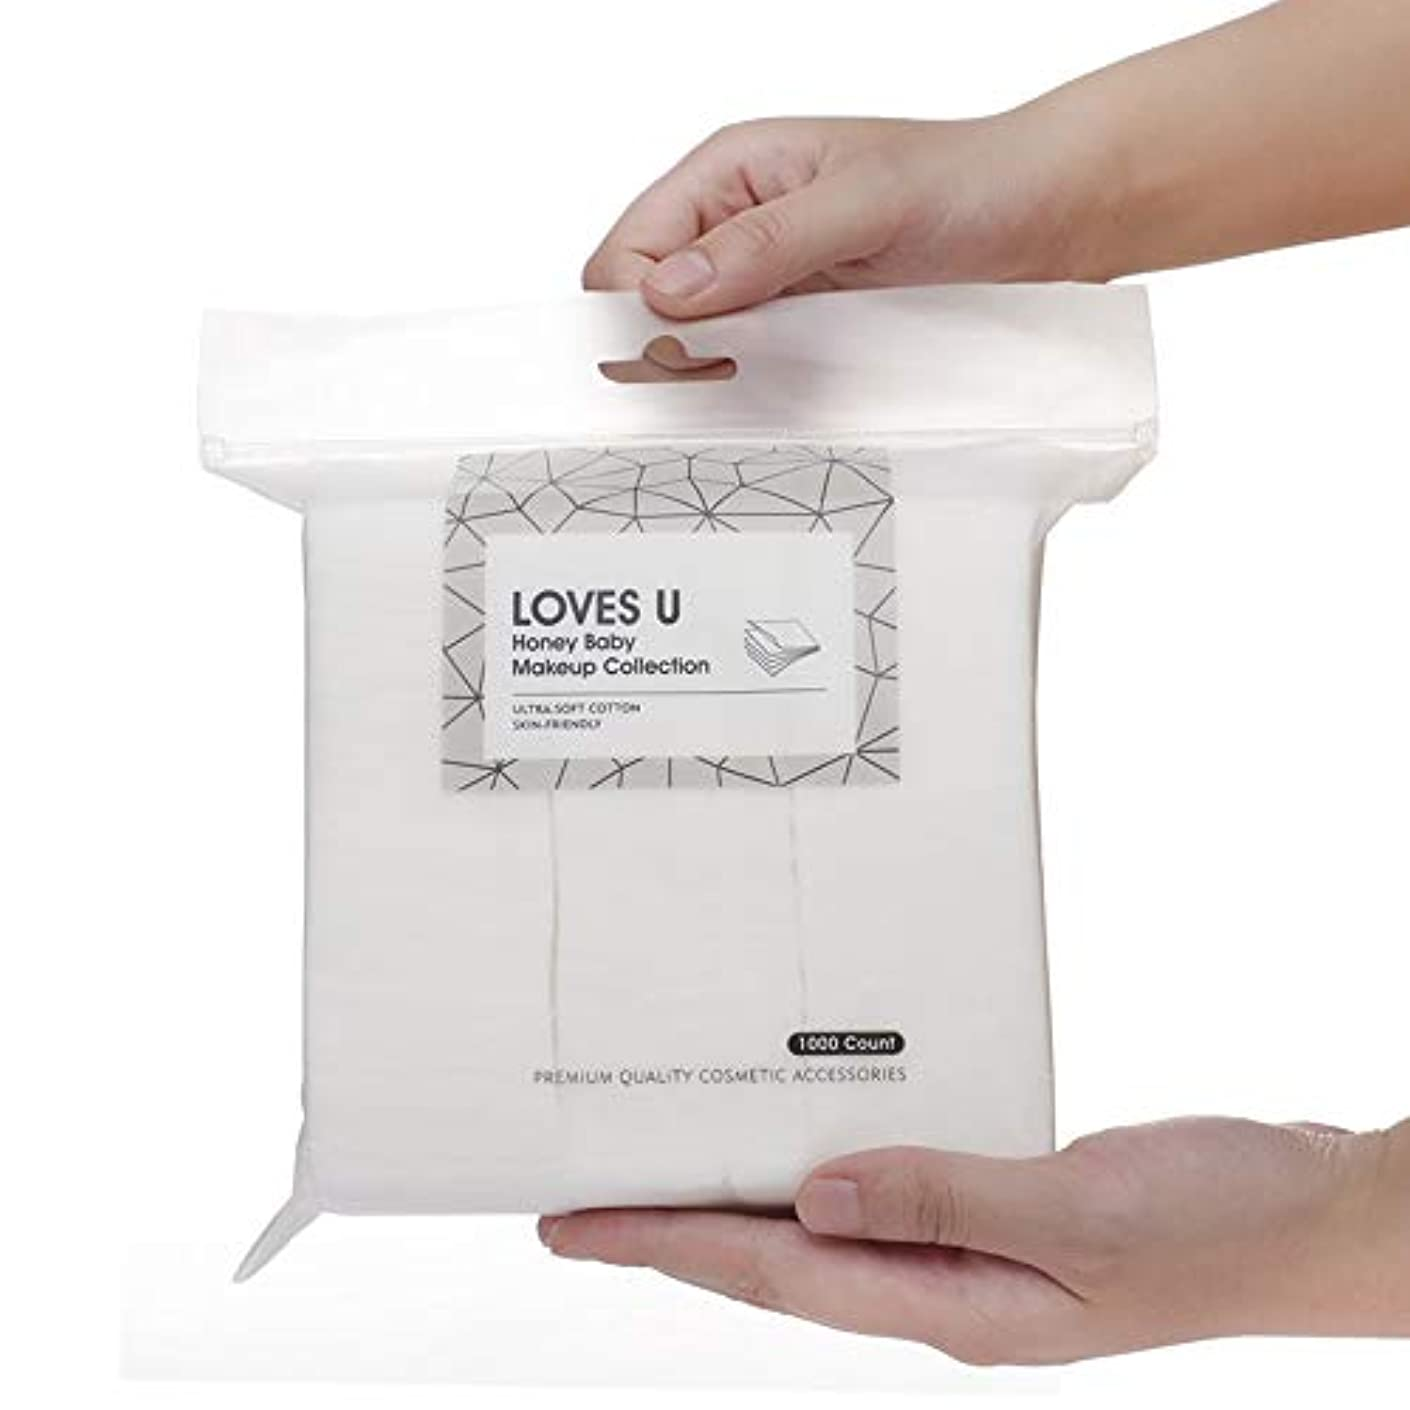 壁紙ゼロ用心する化粧品クレンジングパッド メイク落とし コットン メイクアップ パッド ソフト 綿 ホワイト